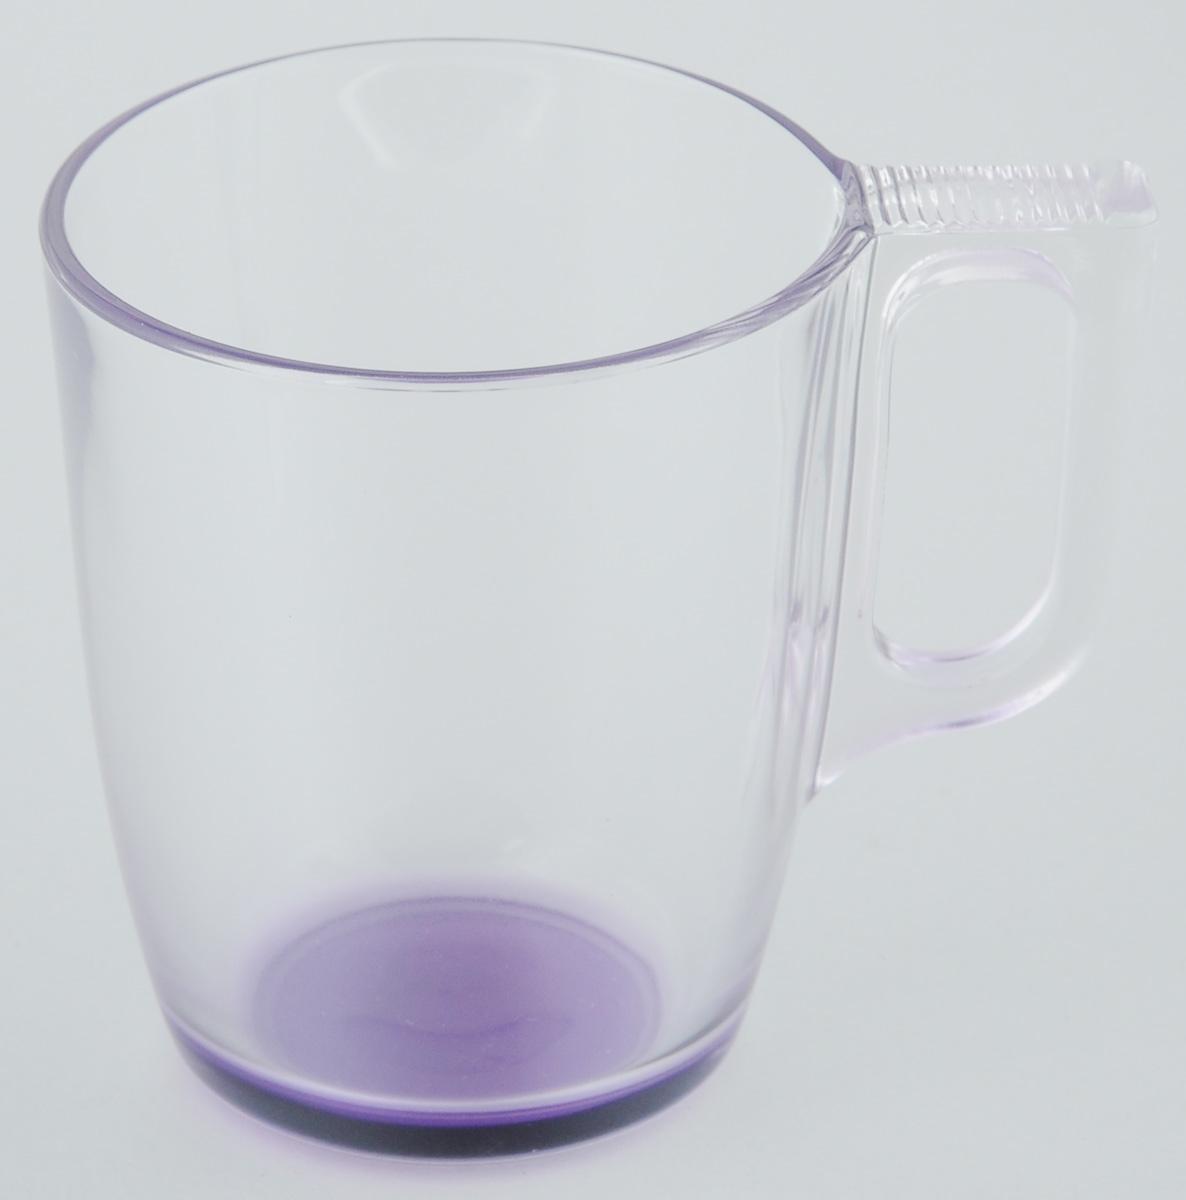 Кружка Luminarc, 250 млJ3707Кружка Luminarc, изготовленная из прочного темного стекла, прекрасно подойдет для подачи горячих и холодных напитков. Она дополнит коллекцию вашей кухонной посуды и будет служить долгие годы. Диаметр кружки (по верхнему краю): 7,3 см. Высота кружки: 8 см.